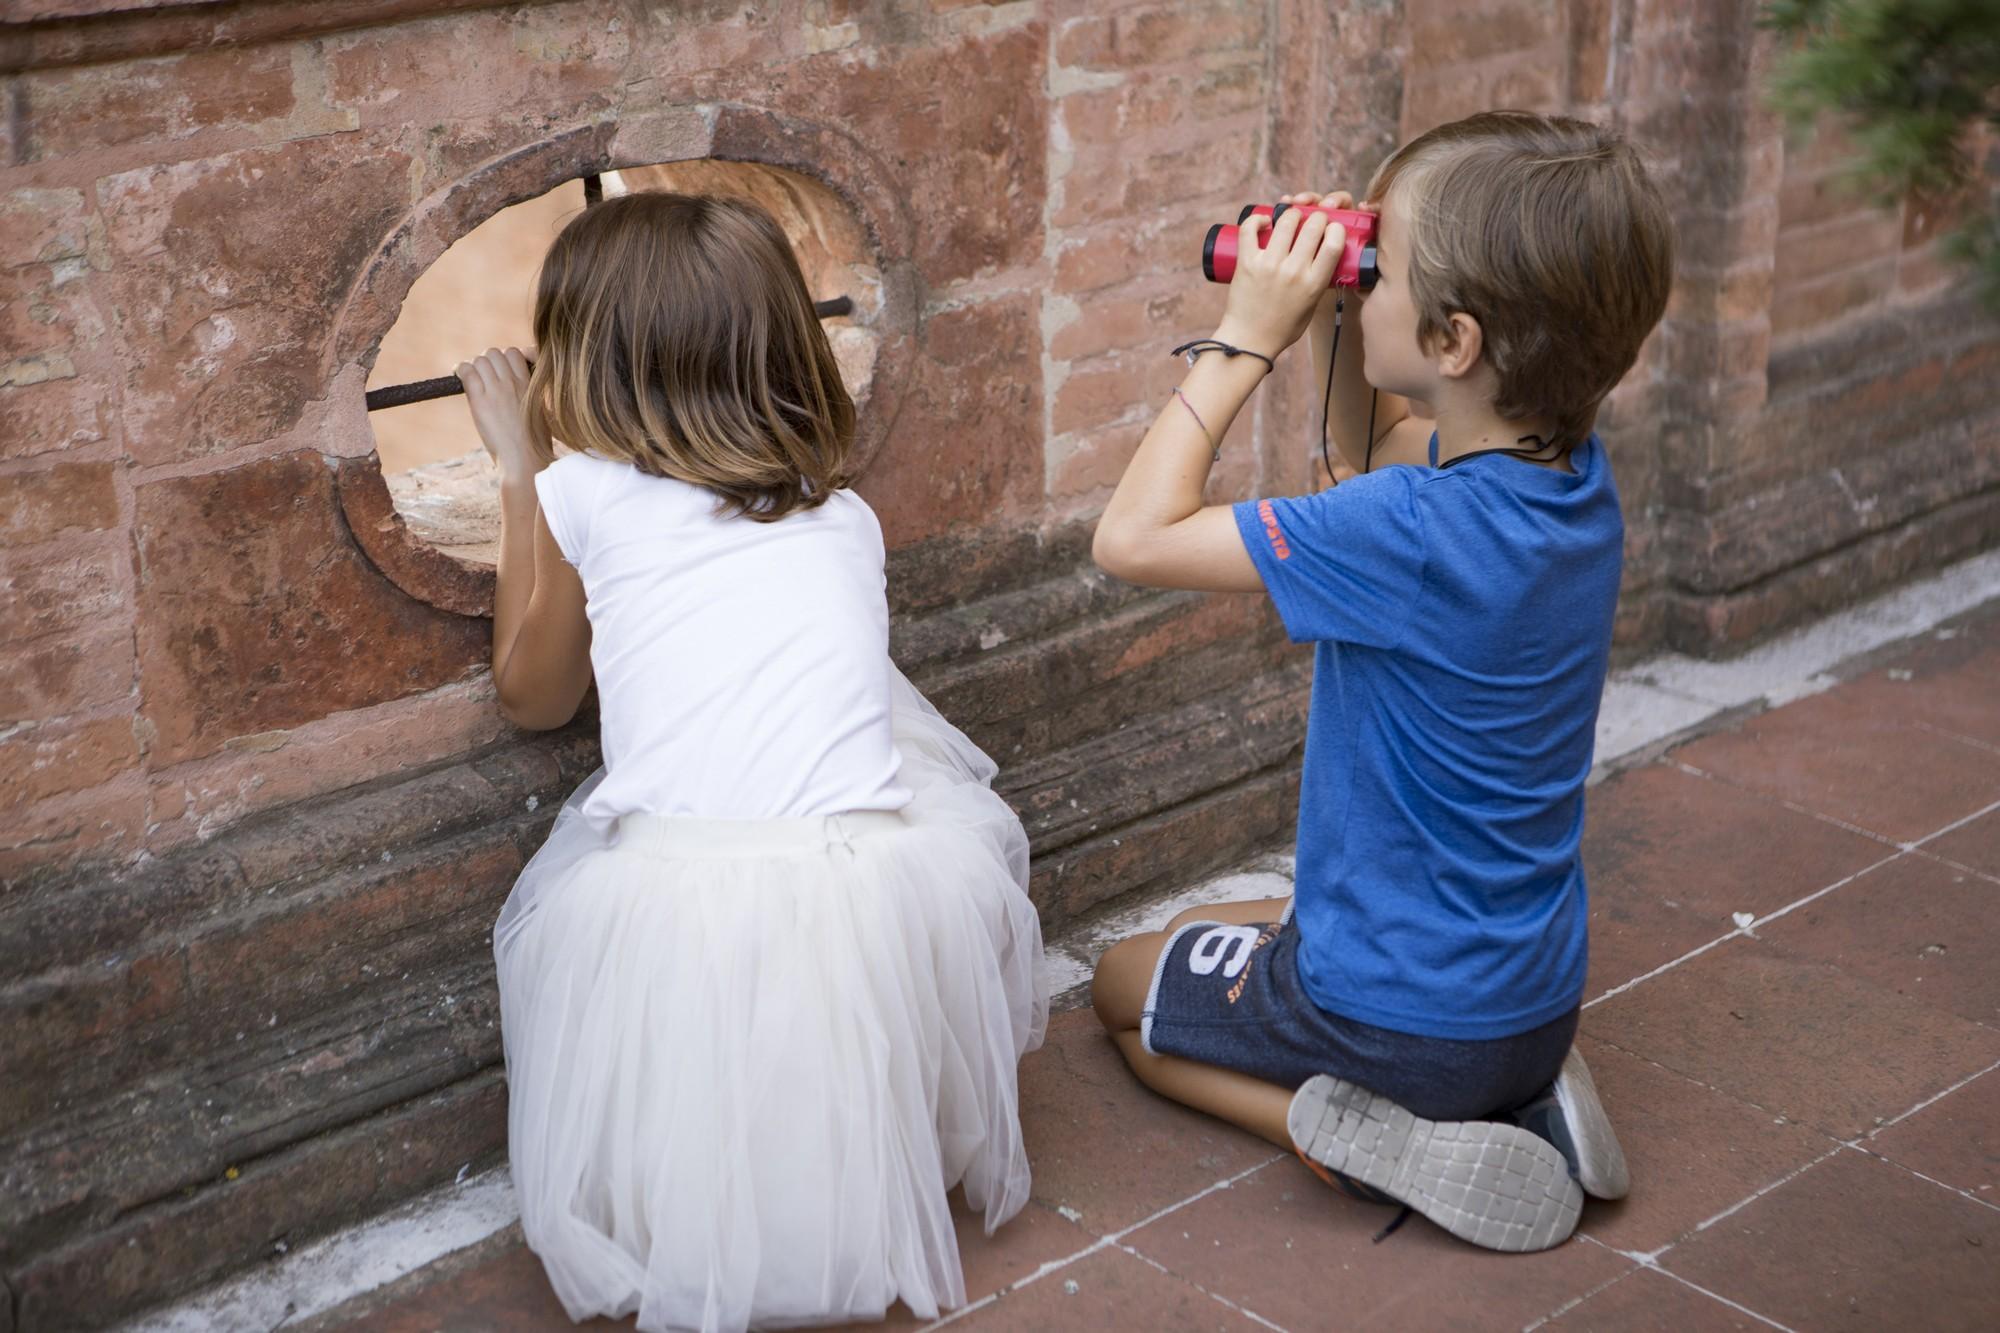 due bambini giocano nel castello estense di Ferrara